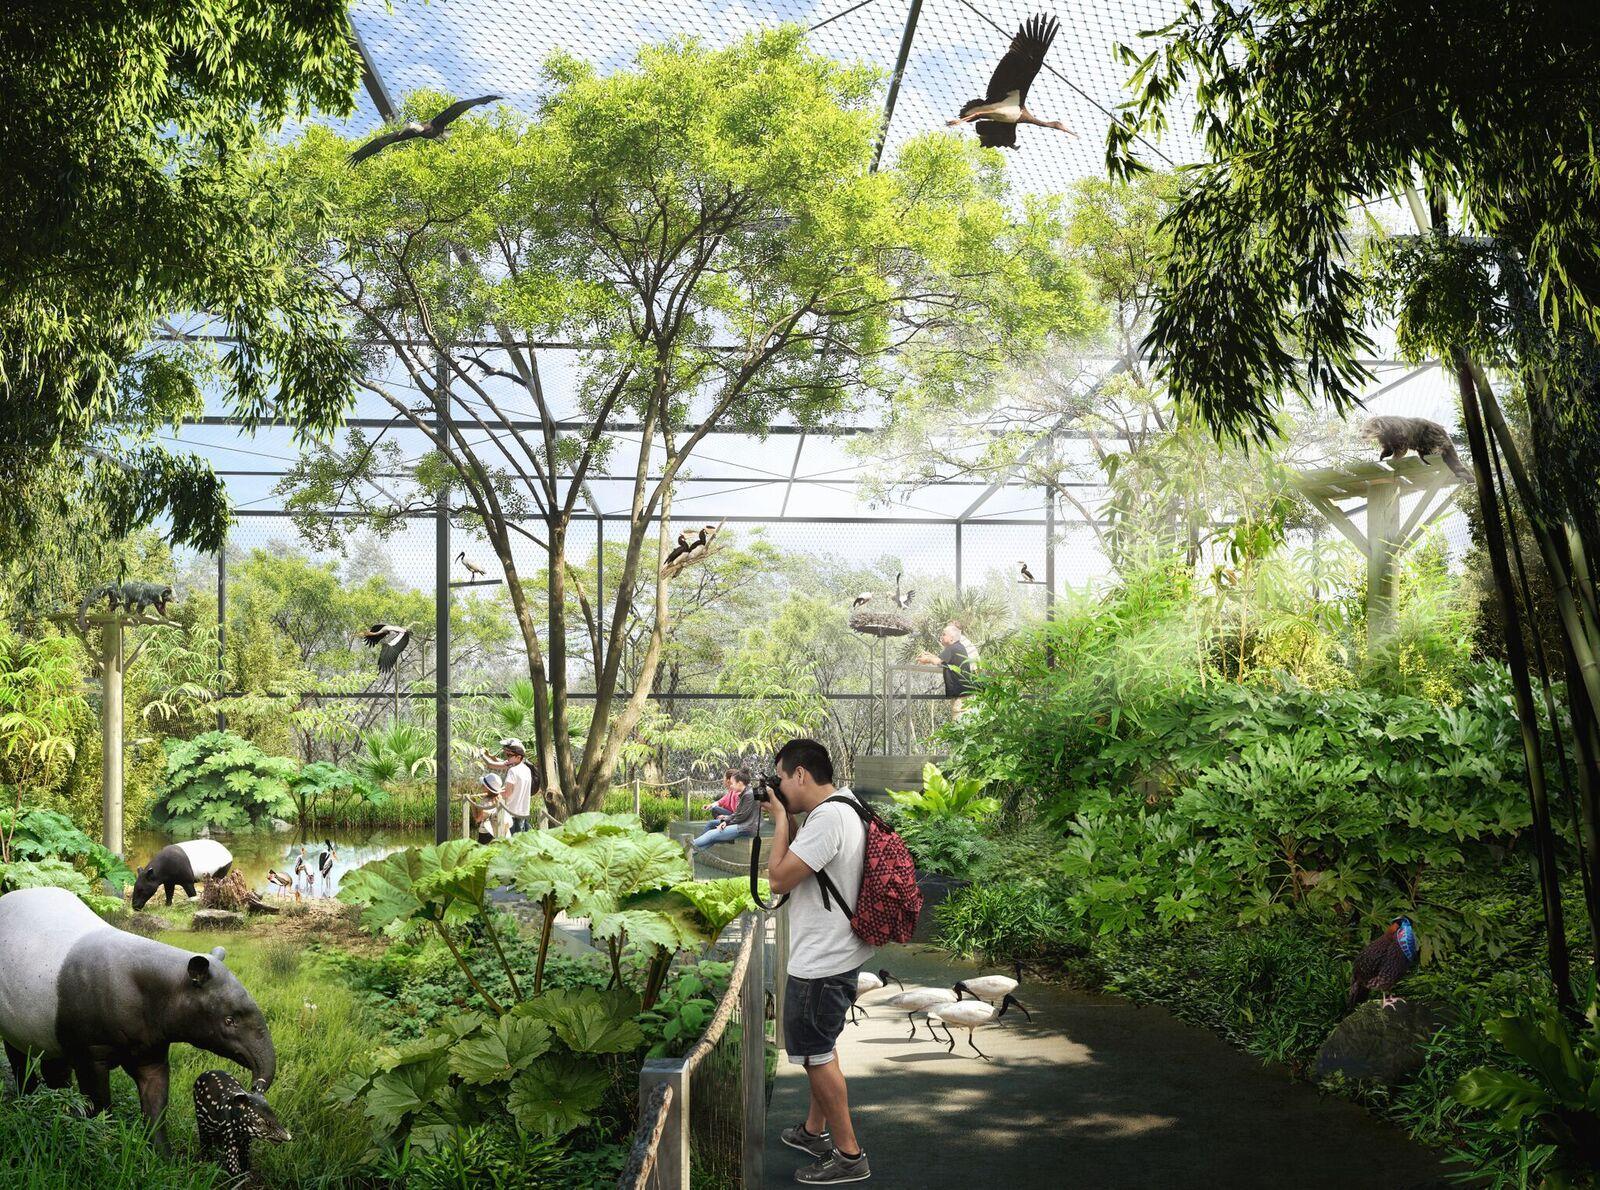 La forêt asiatique du Parc de la Tête d'Or